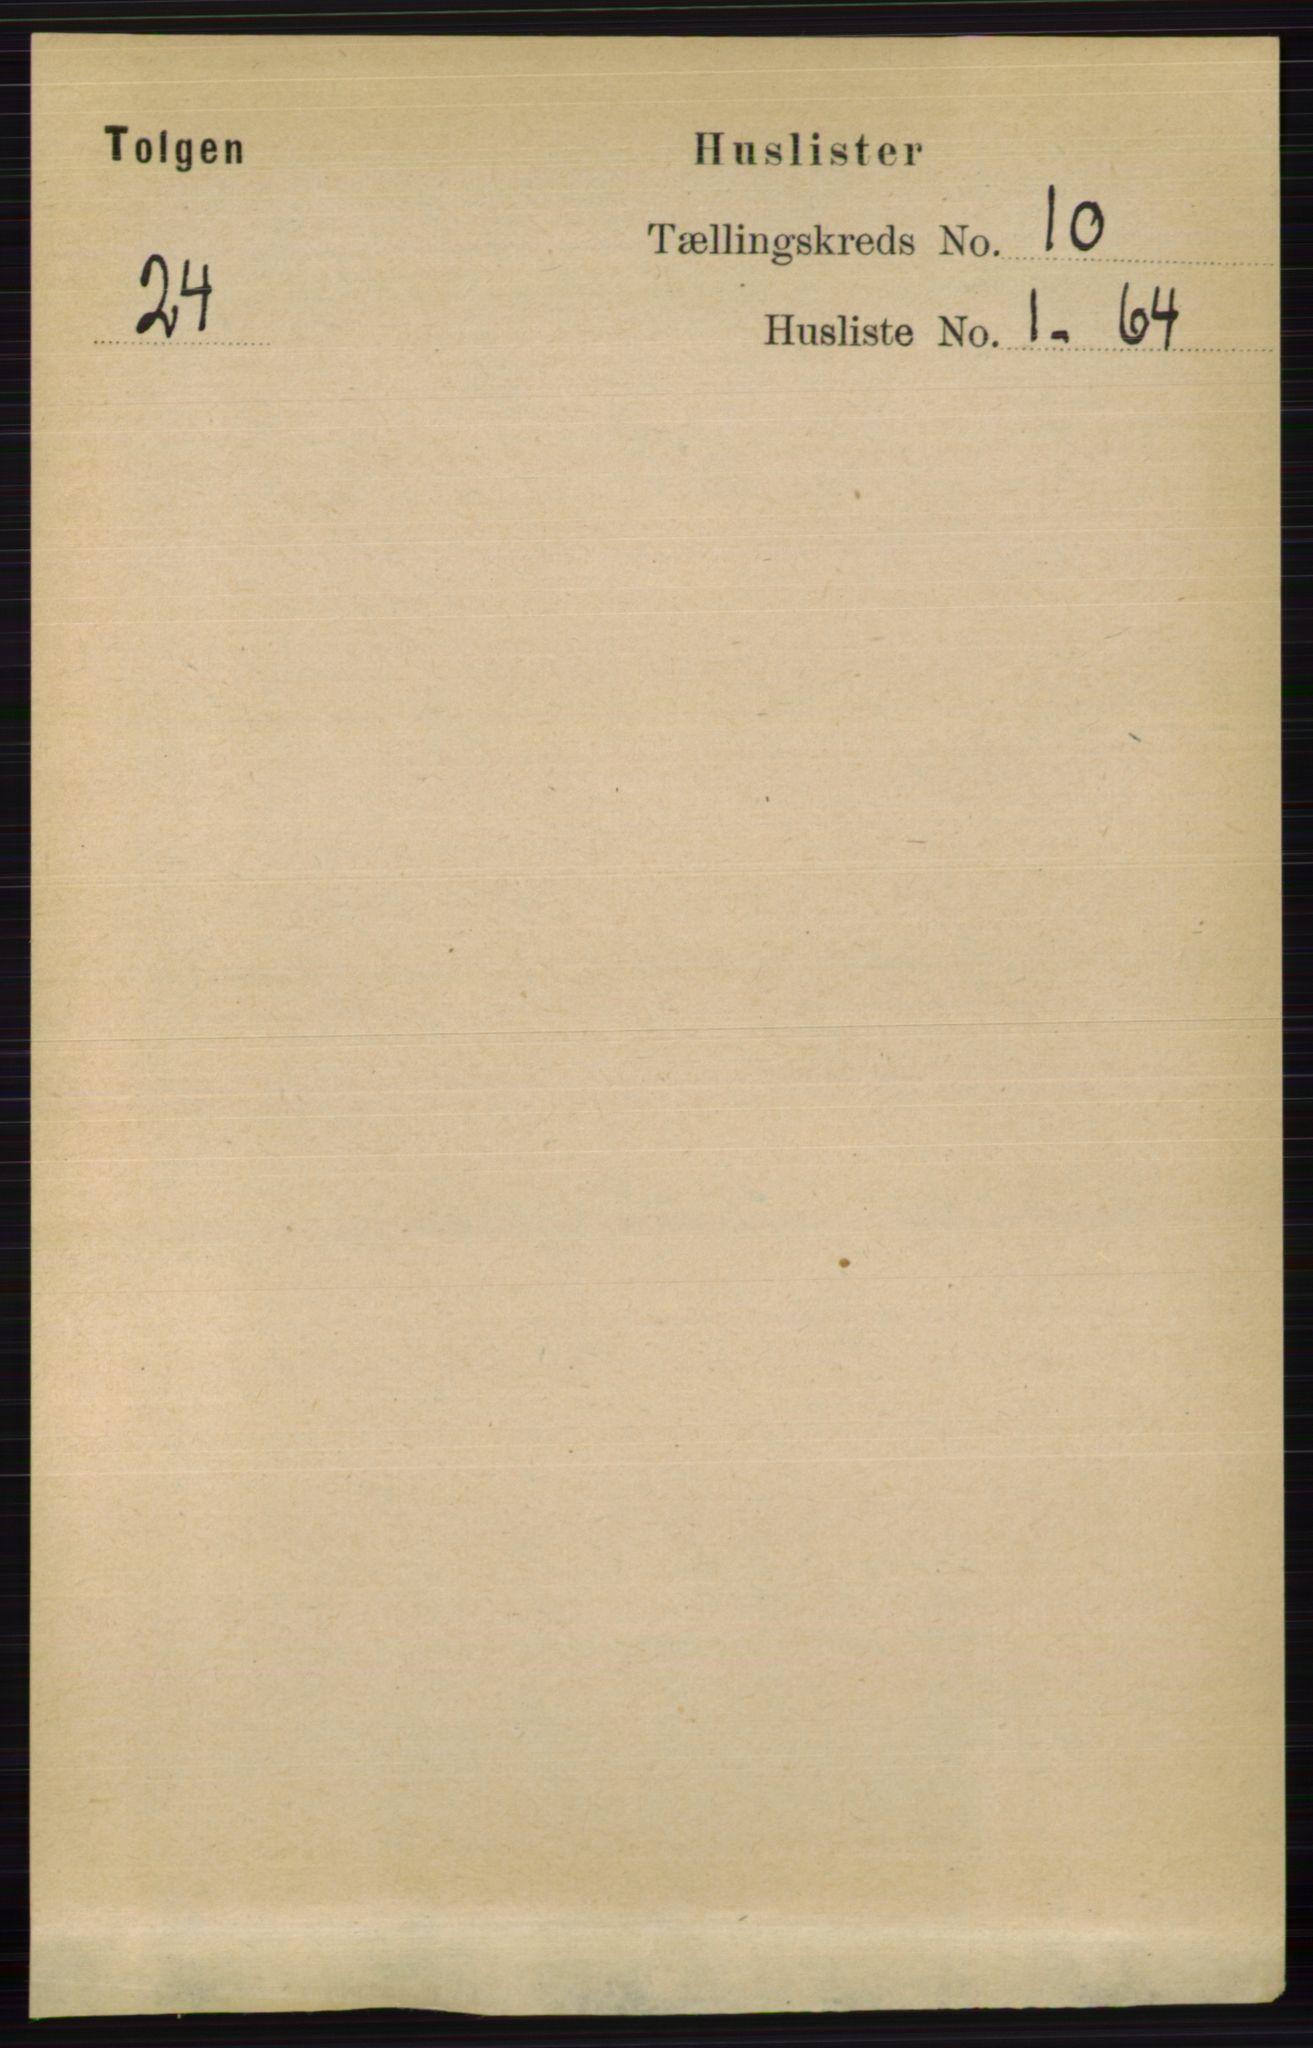 RA, Folketelling 1891 for 0436 Tolga herred, 1891, s. 2622